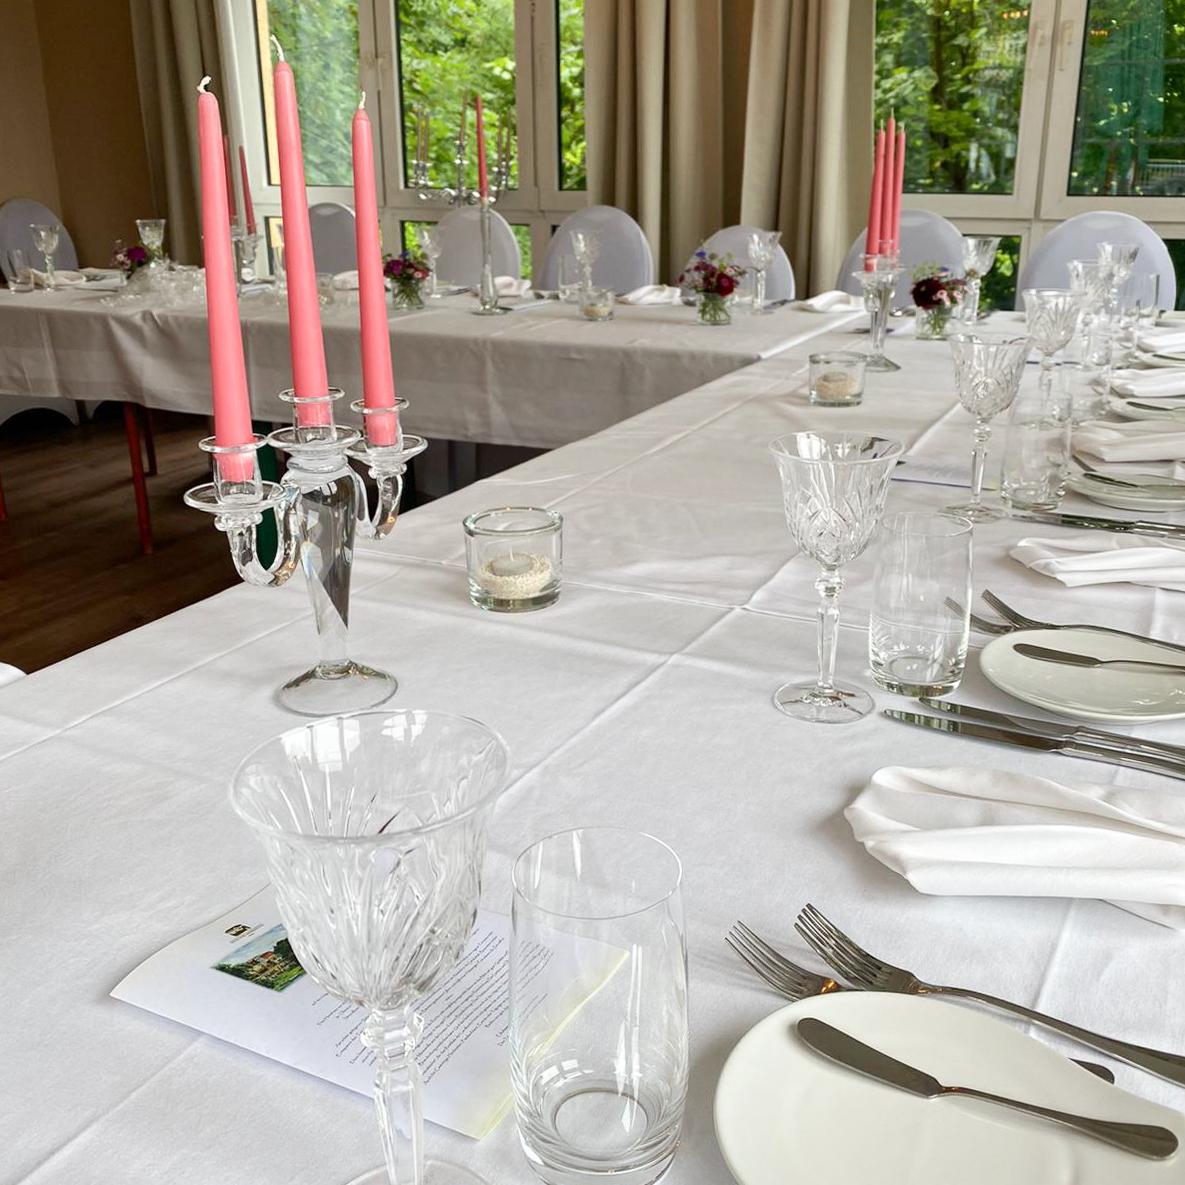 familienfeier inspiration strandhotel vier jahreszeiten ort buckow restaurant bi